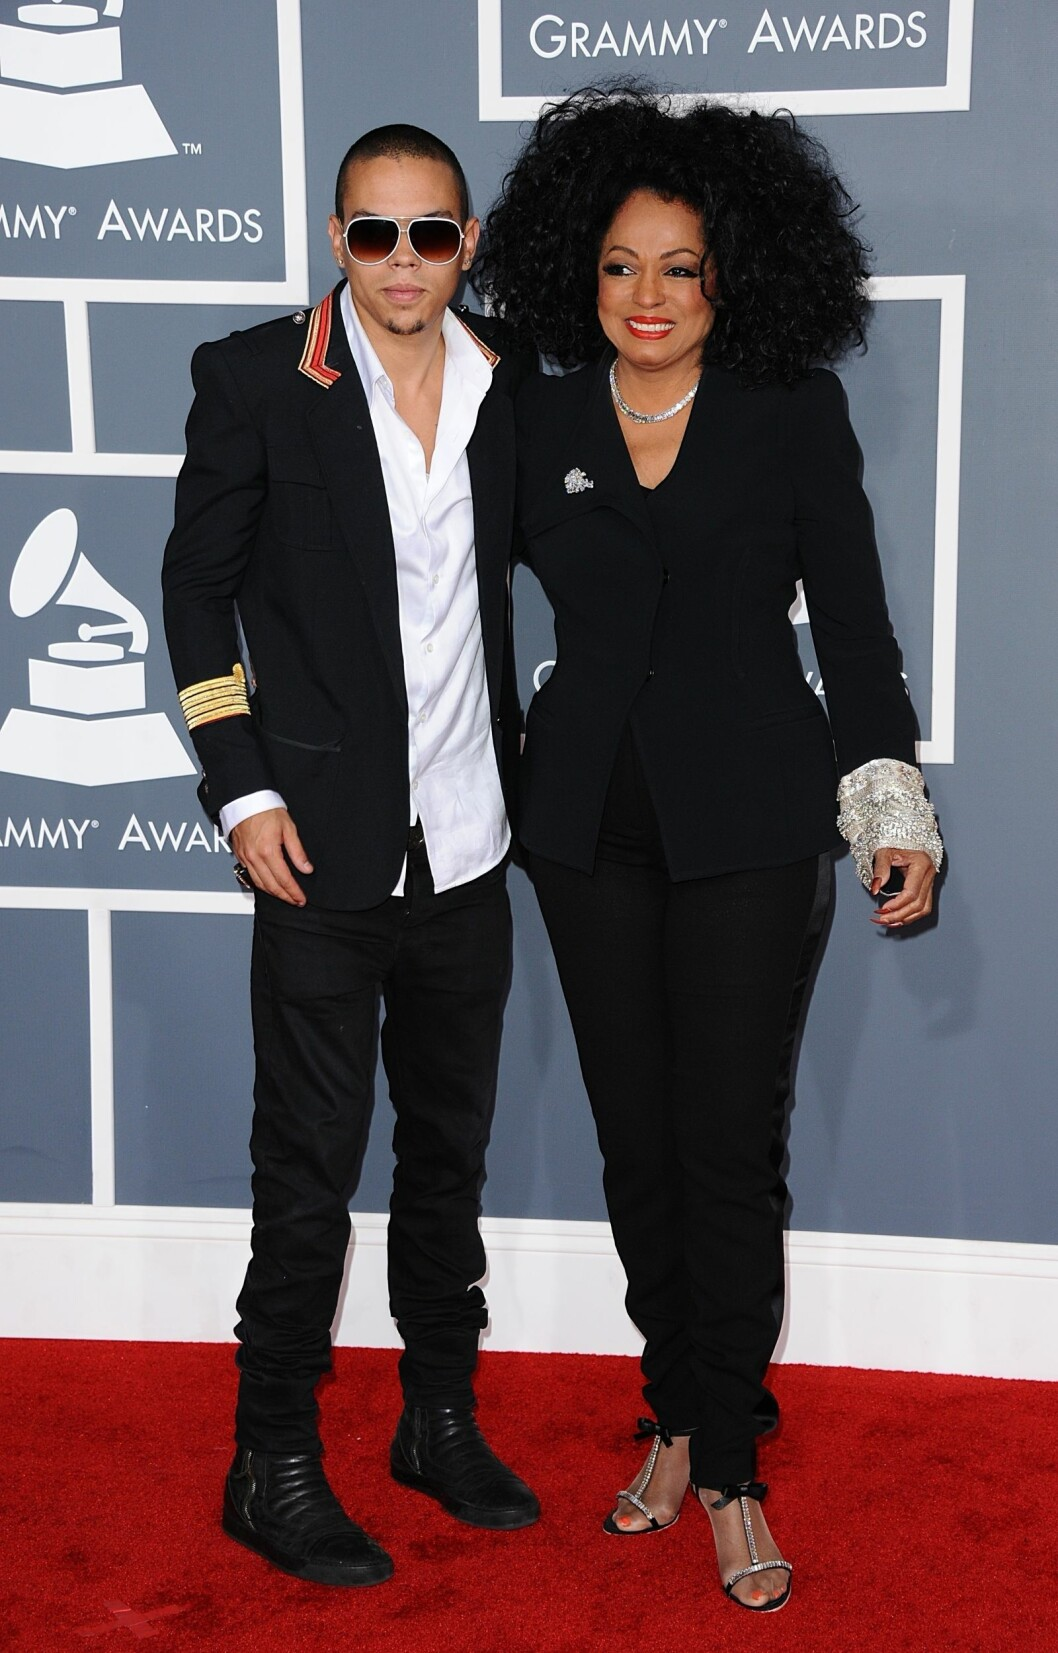 NÆRT FORHOLD: Diana Ross bidro på flere måter da sønnen Evan Olav stod brudgom lørdag. Her er mor og sønn sammen på Grammy Awards i L.A. i februar 2012. Foto: Stella Pictures